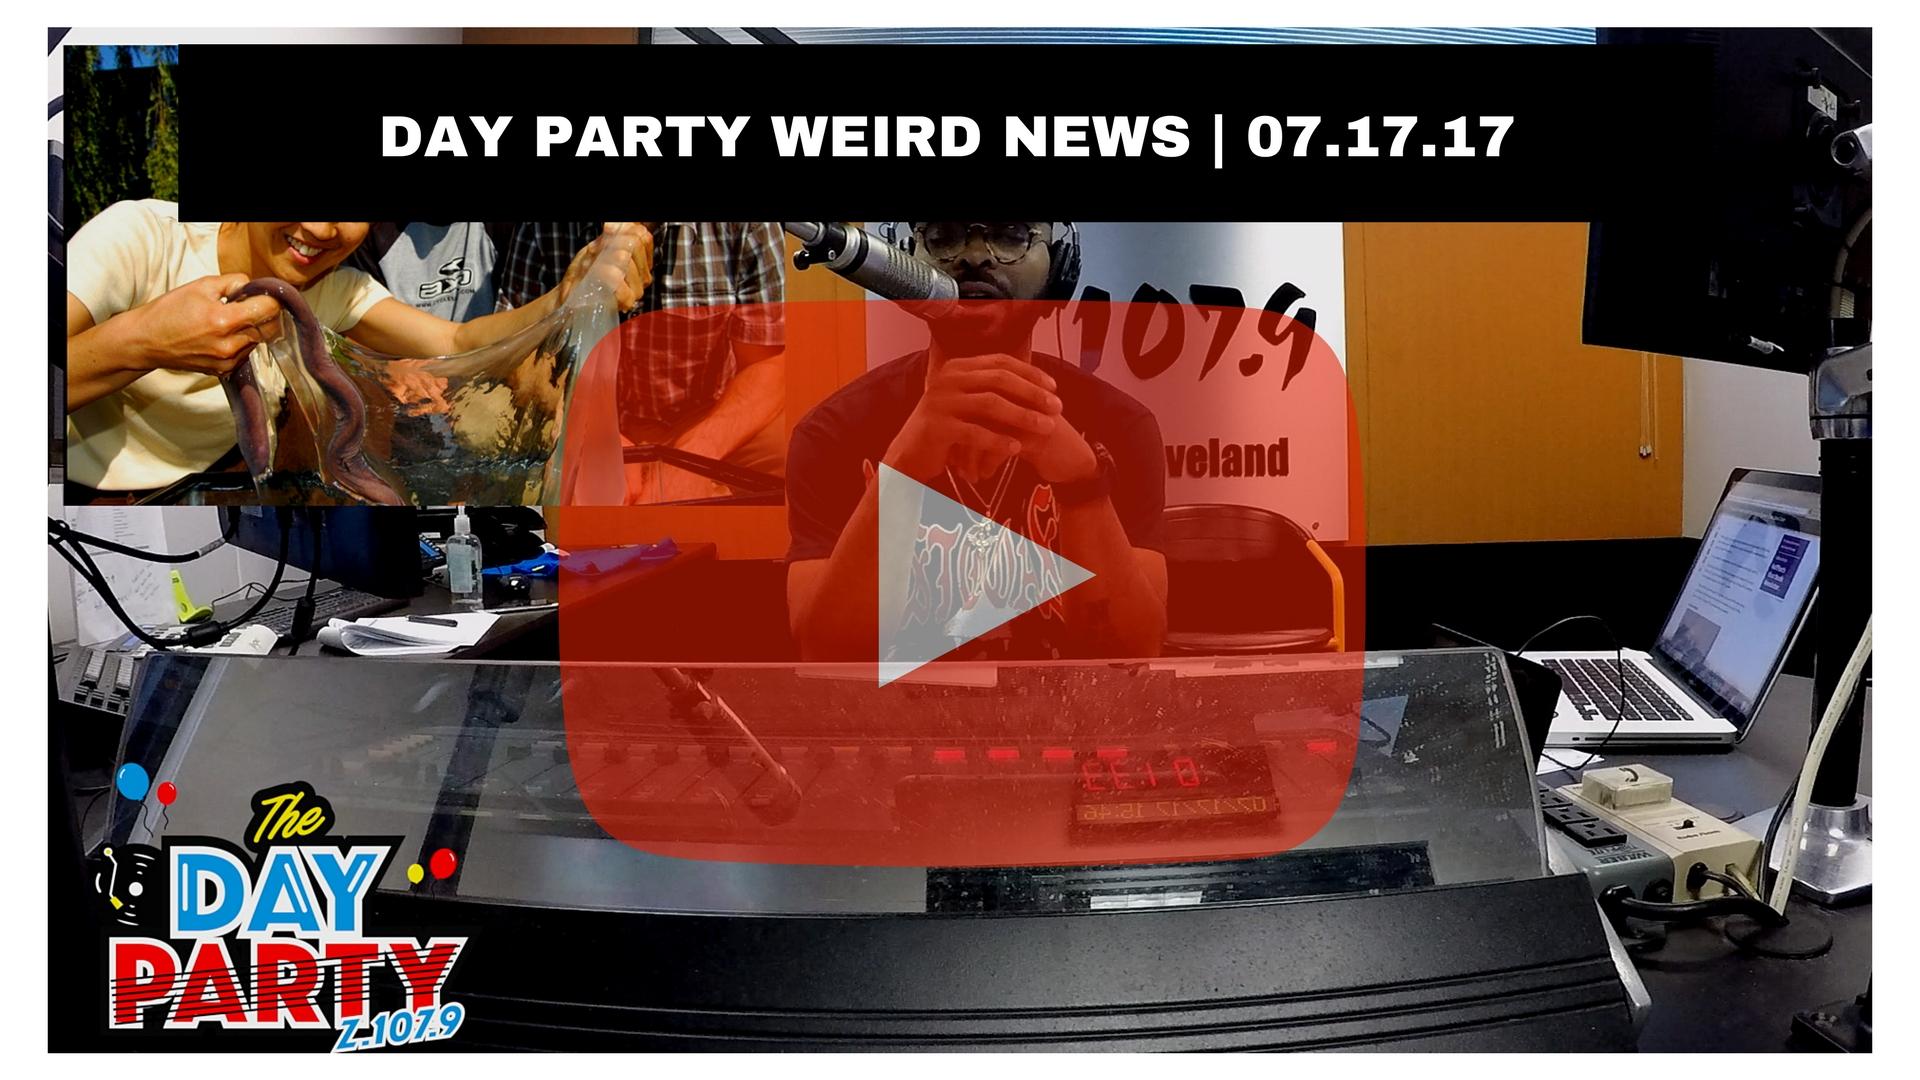 DAY PARTY WEIRD NEWS _ 07.17.17